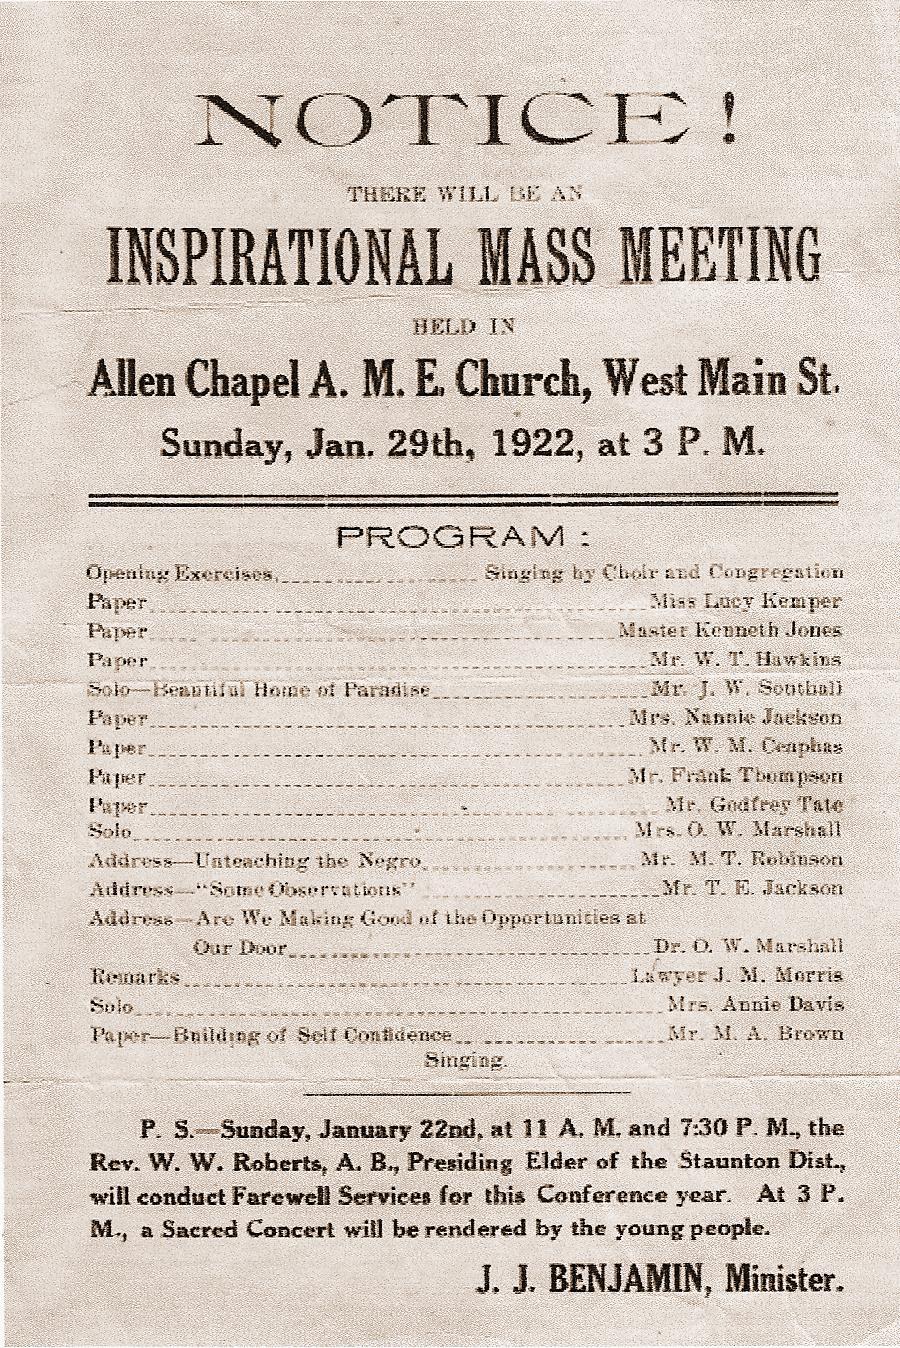 Mass meeting at Allen Chapel